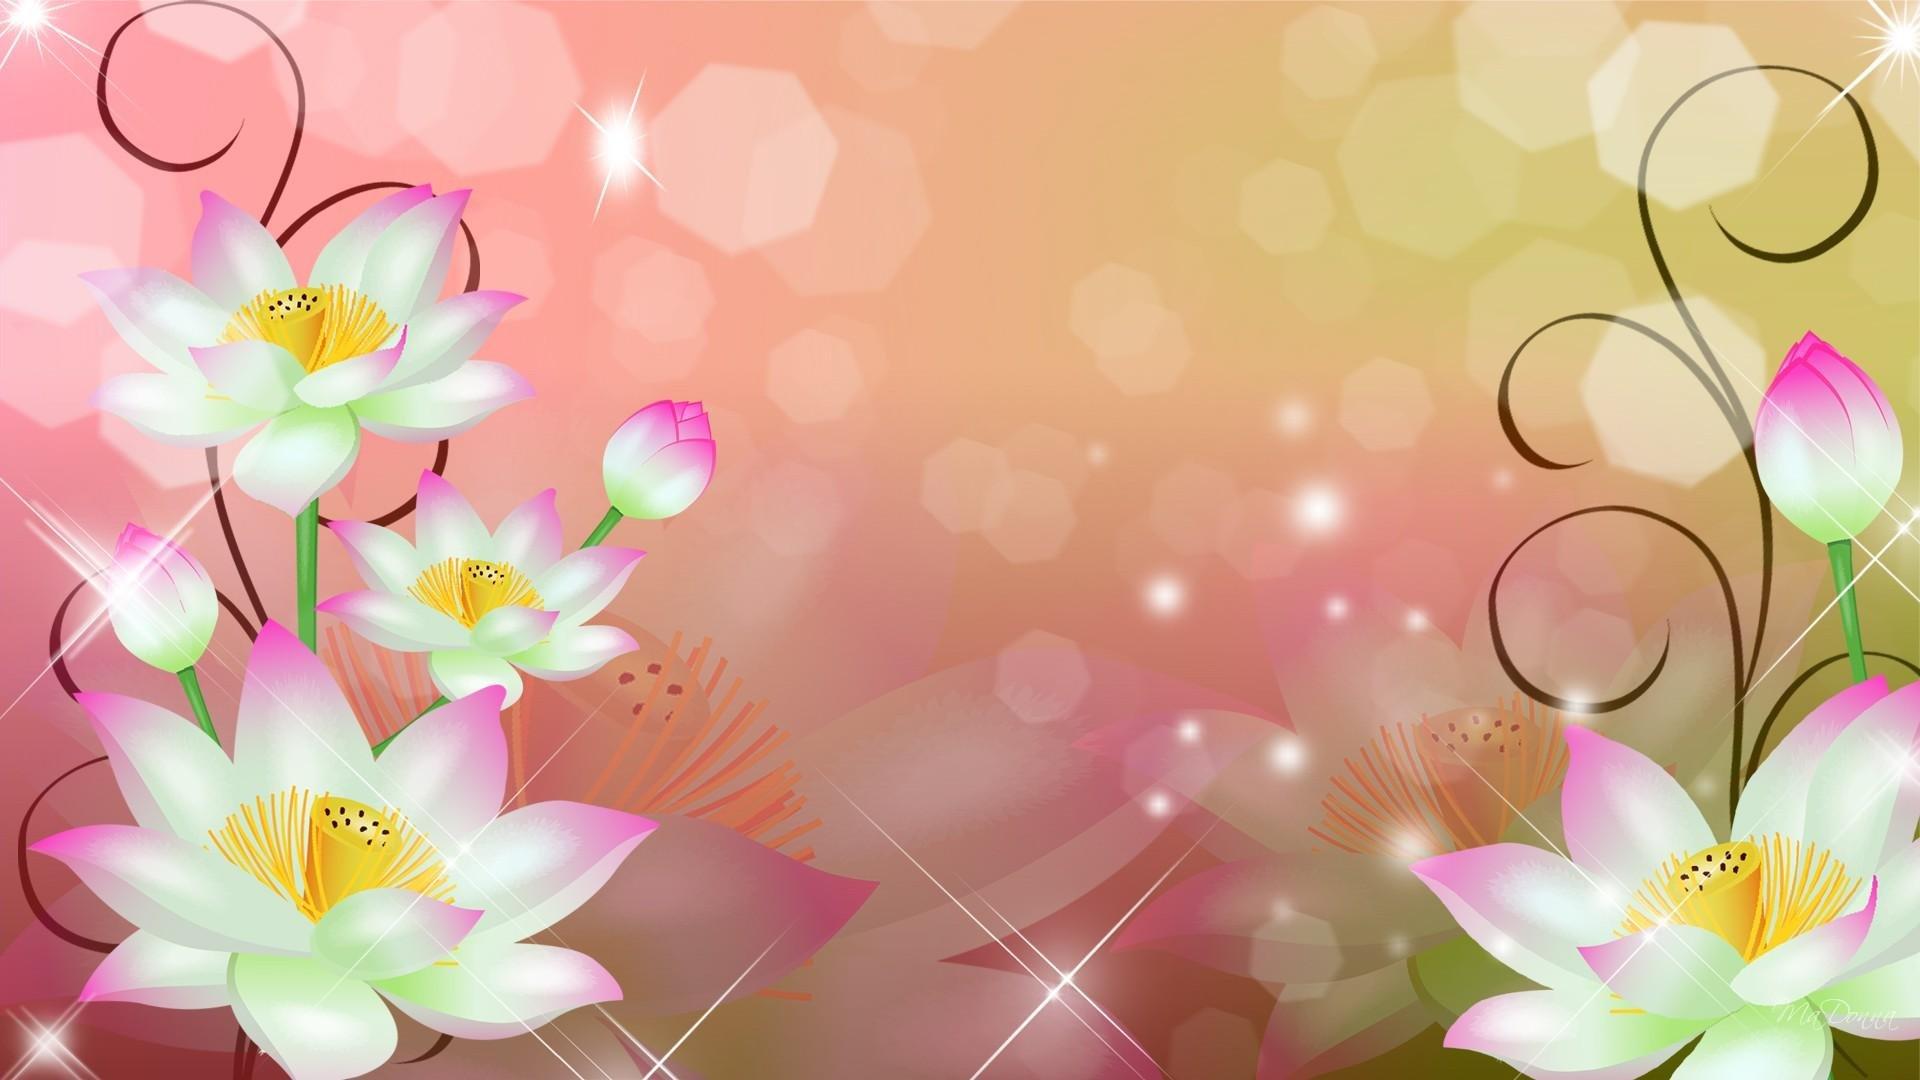 Красивые картинки с цветами для афиши давно